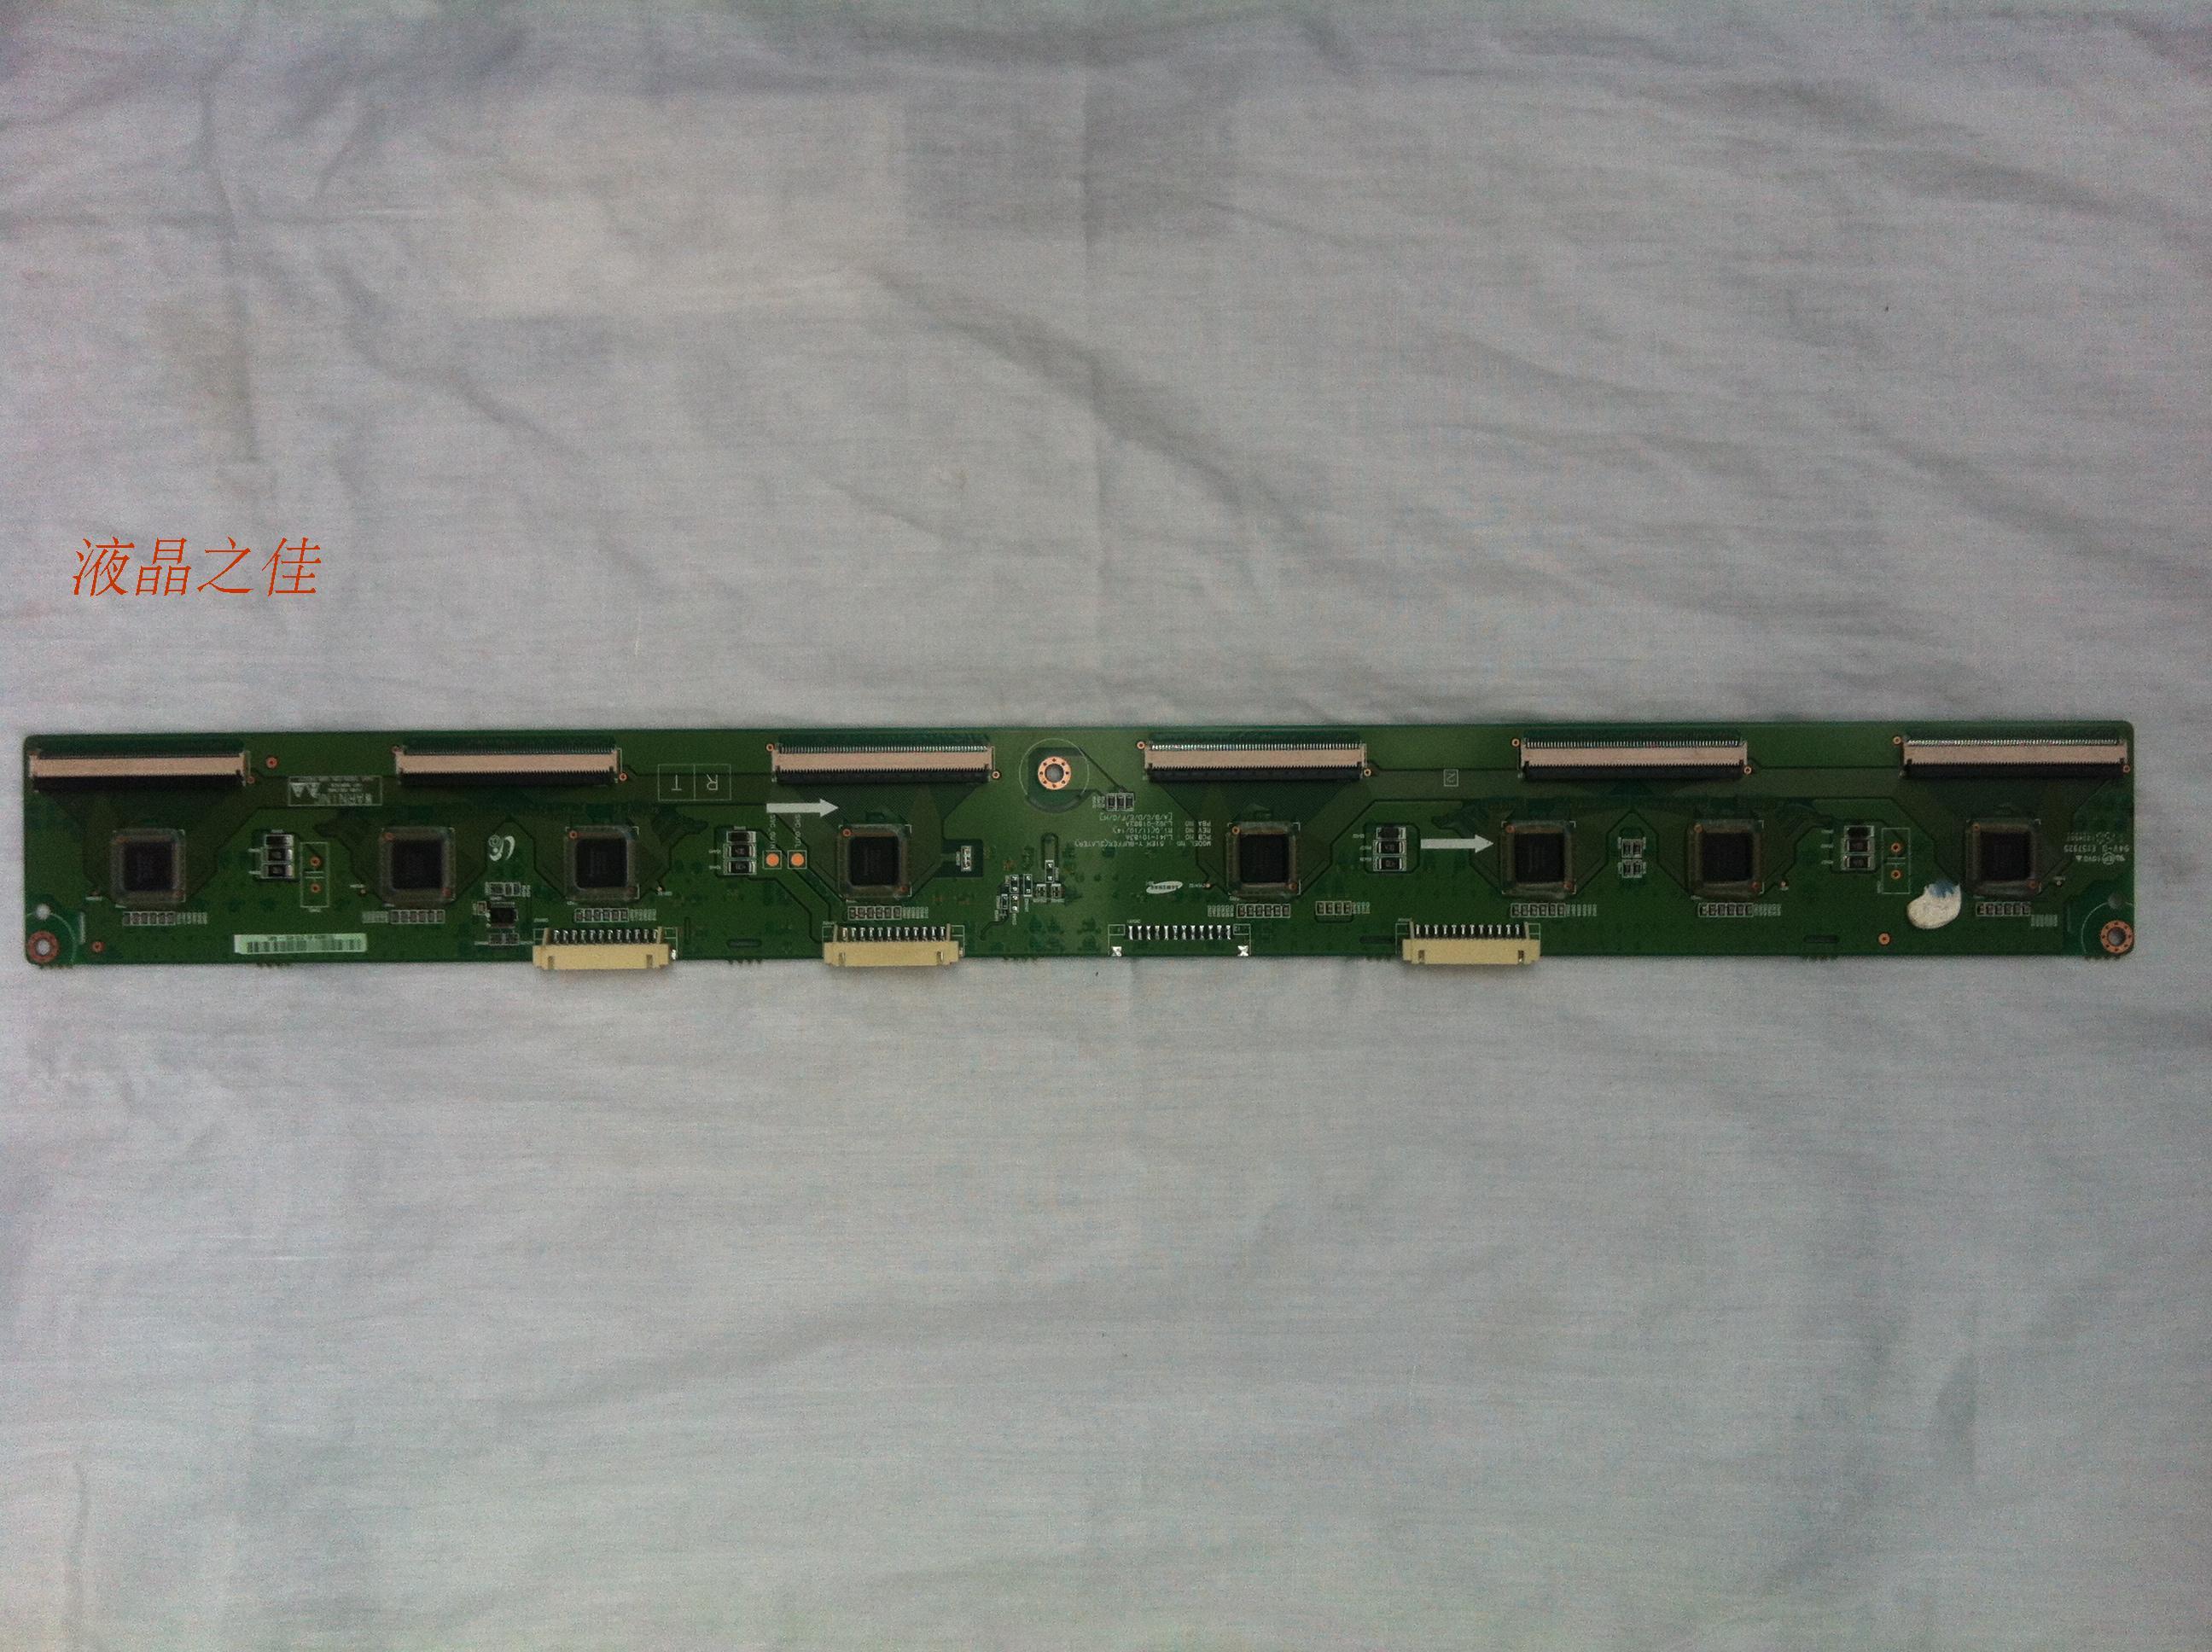 高低三星PS5151EE450450450AA11R设计板LJ41-10183A图纸床cad缓冲原装图片